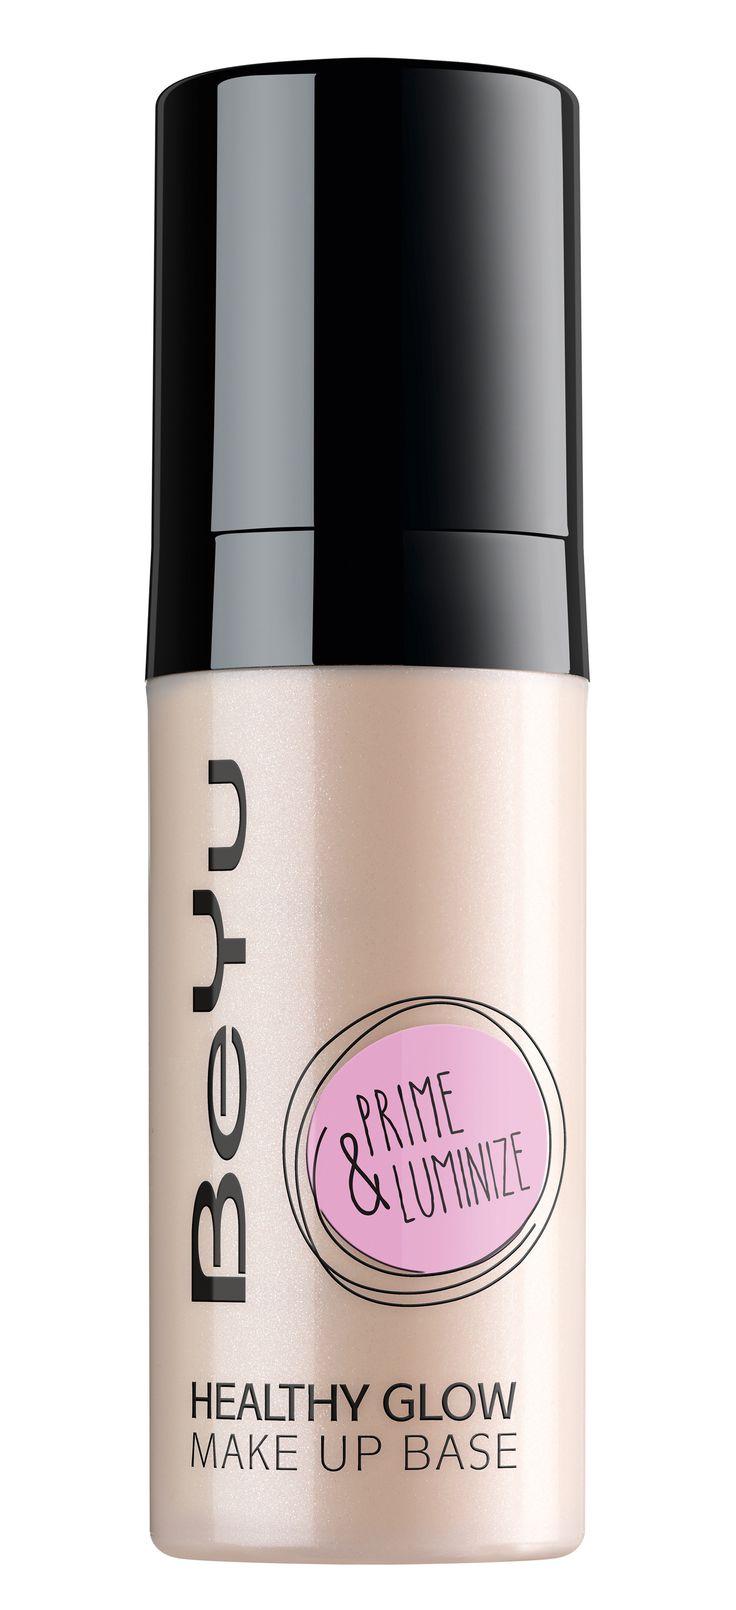 Die parabenfreie Healthy Glow Make up Base von BeYu im praktischen Pumpspender ist eine lichtreflektierende Make up-Grundierung mit leichtem Glow.  © beyu